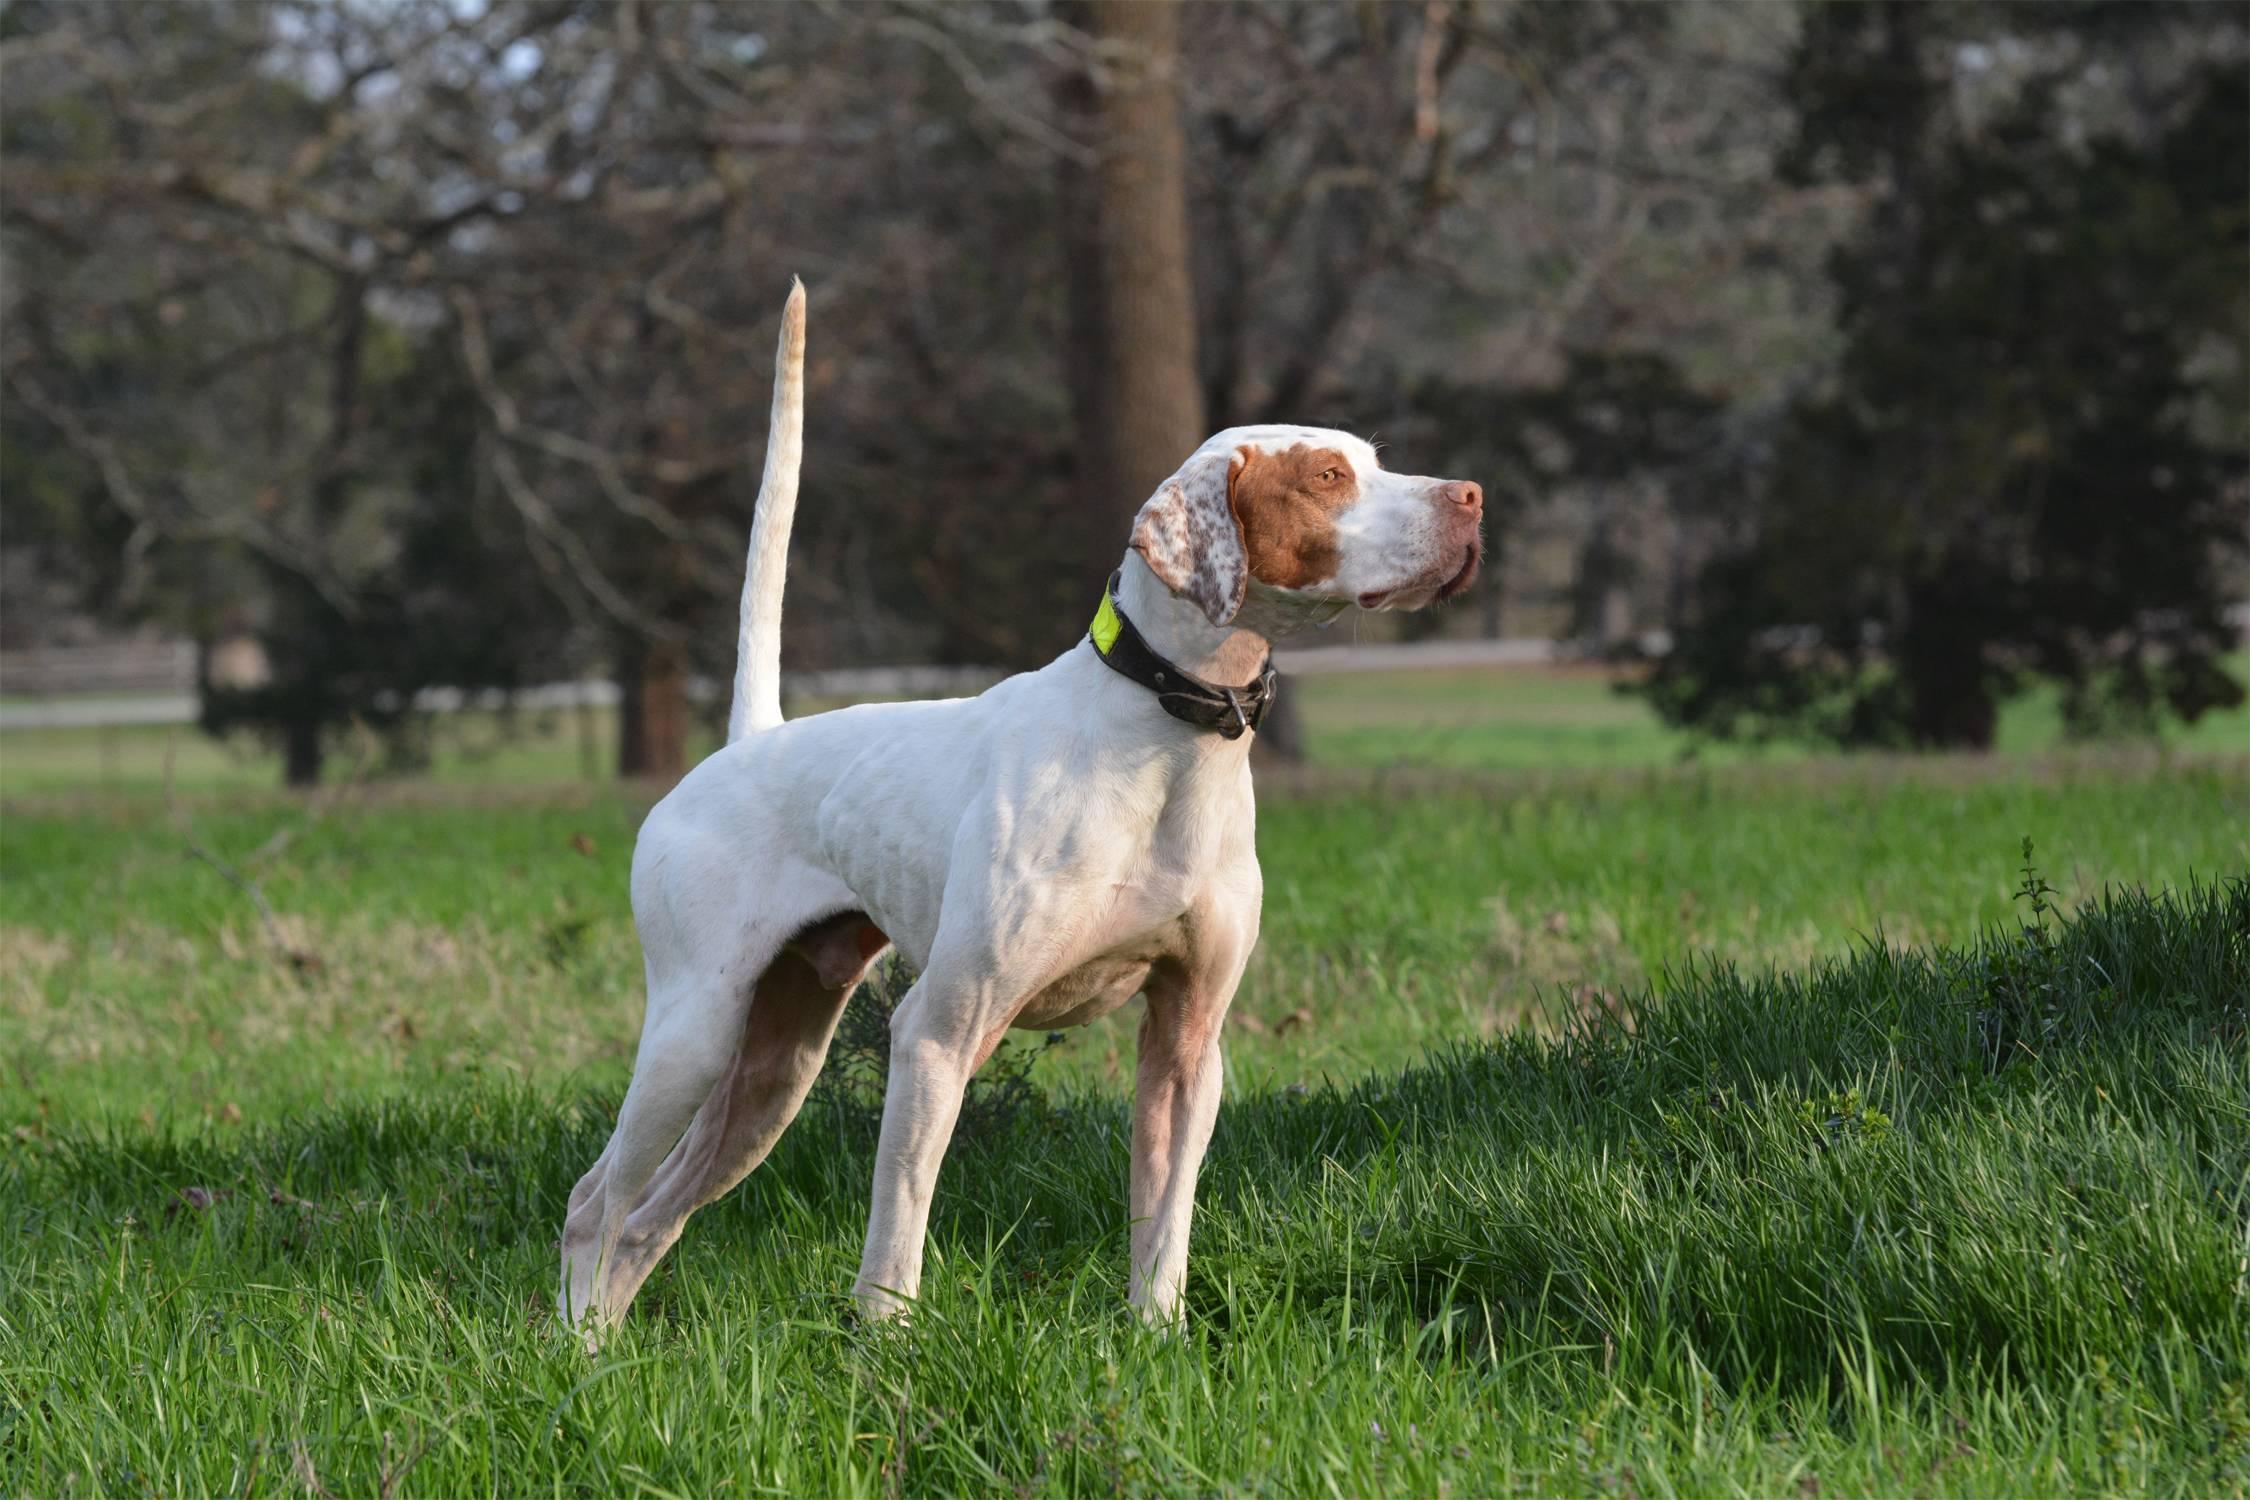 Собака пойнтер - все особенности охотничьей породы: отзывы, характер, история, содержание, фото, видео, питание